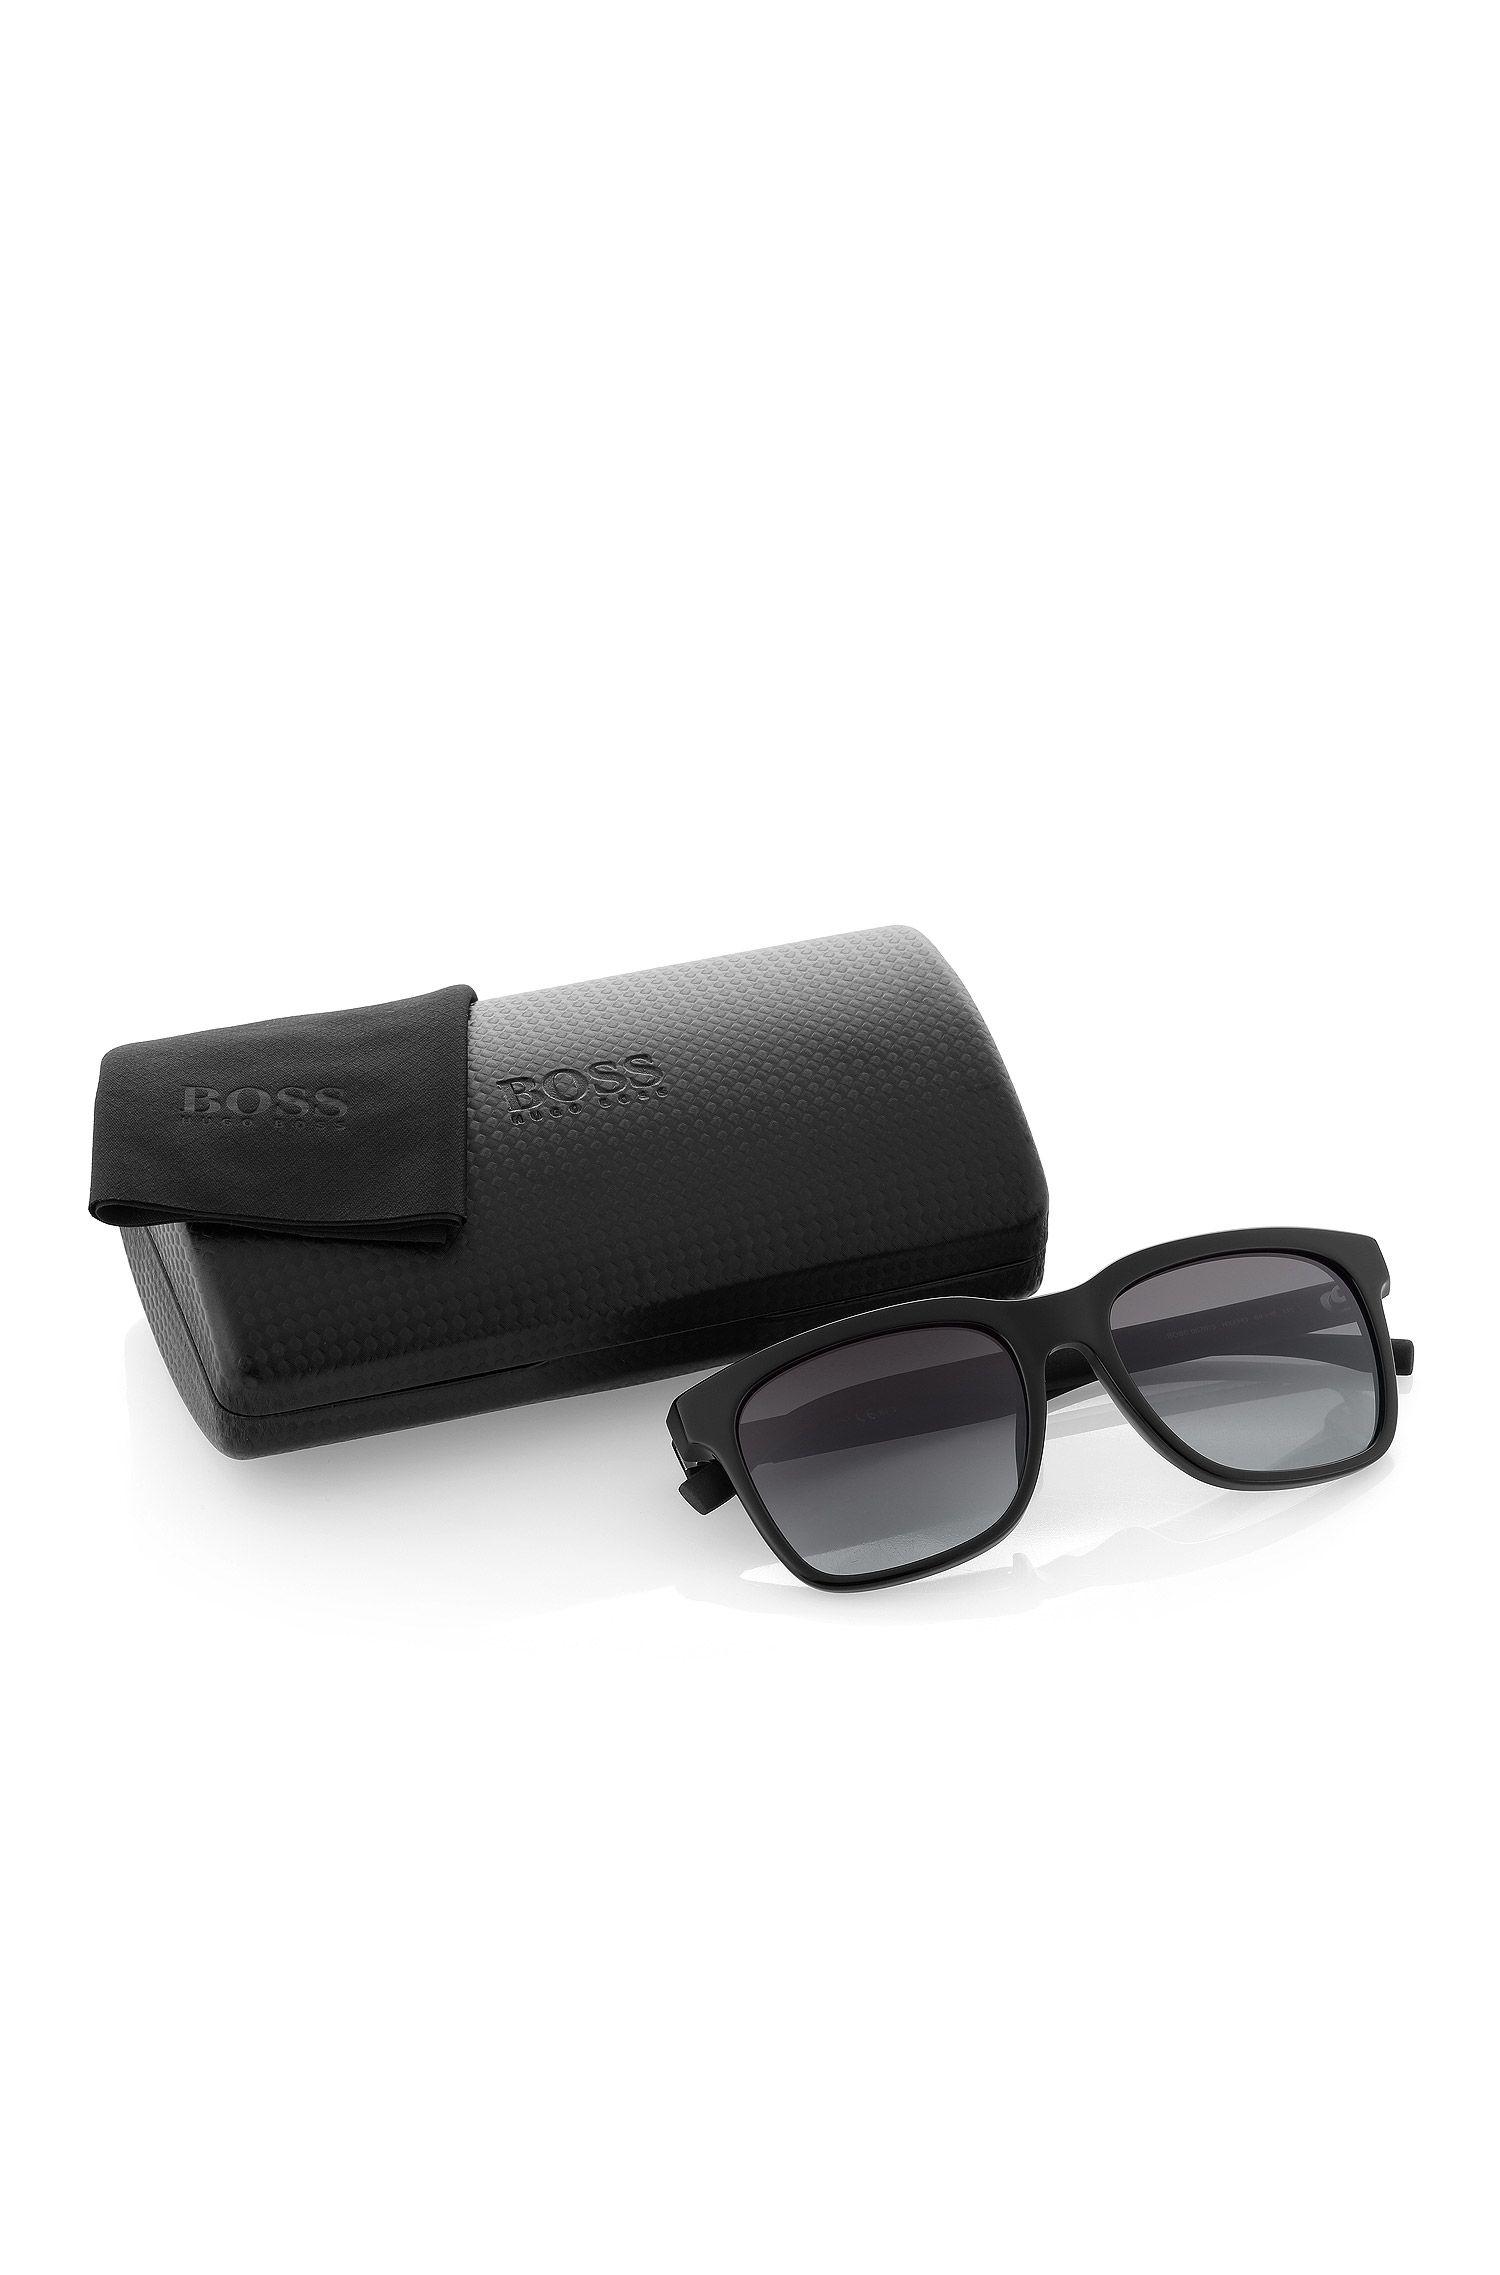 Sonnenbrille ´BOSS 0670`